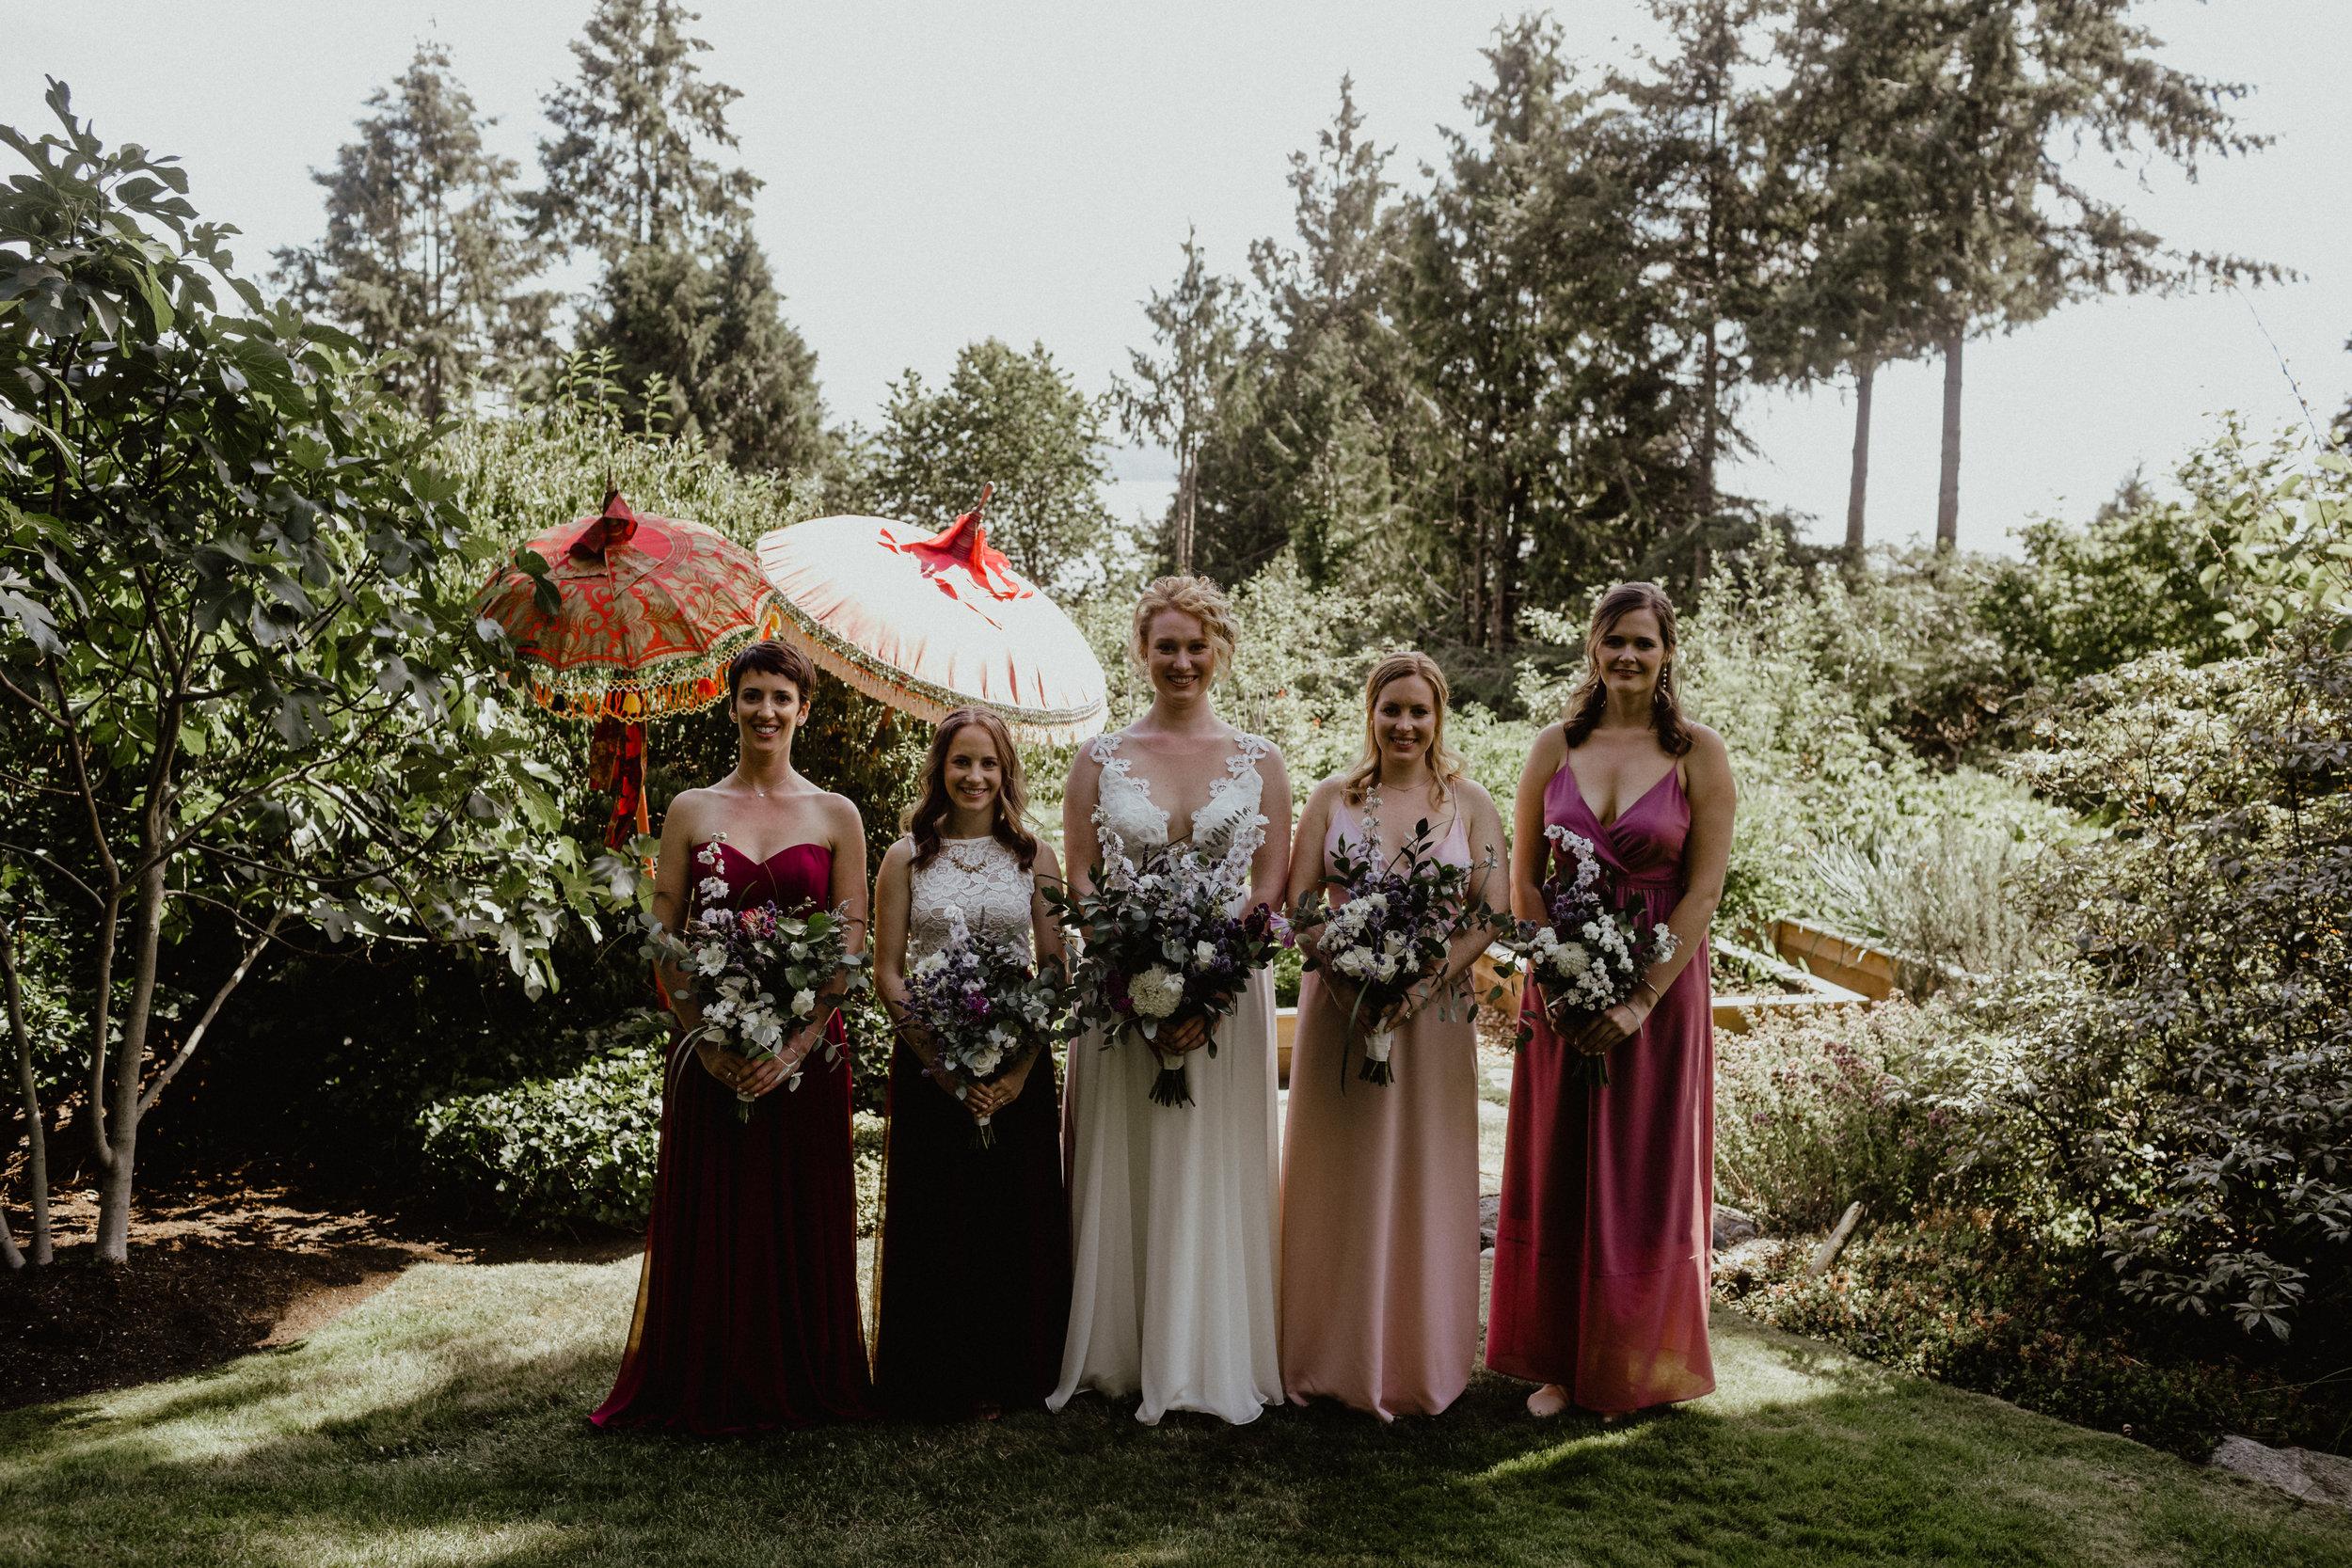 west-vancouver-backyard-wedding-63.jpg